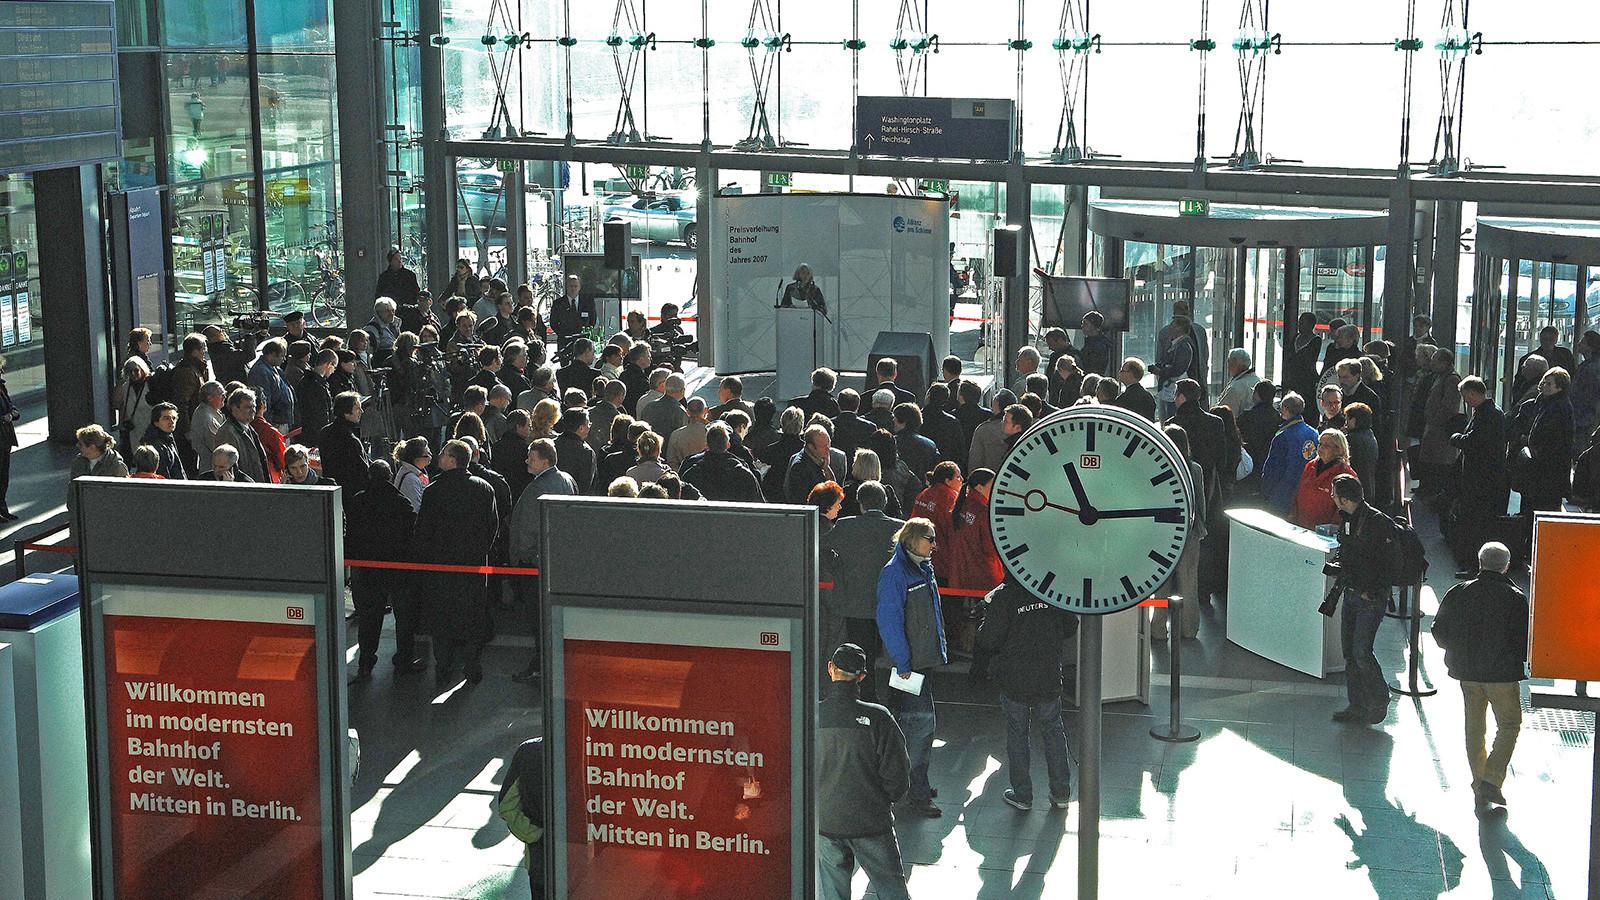 Berlin Hauptbahnhof Eingangshalle während der Preisverleihung